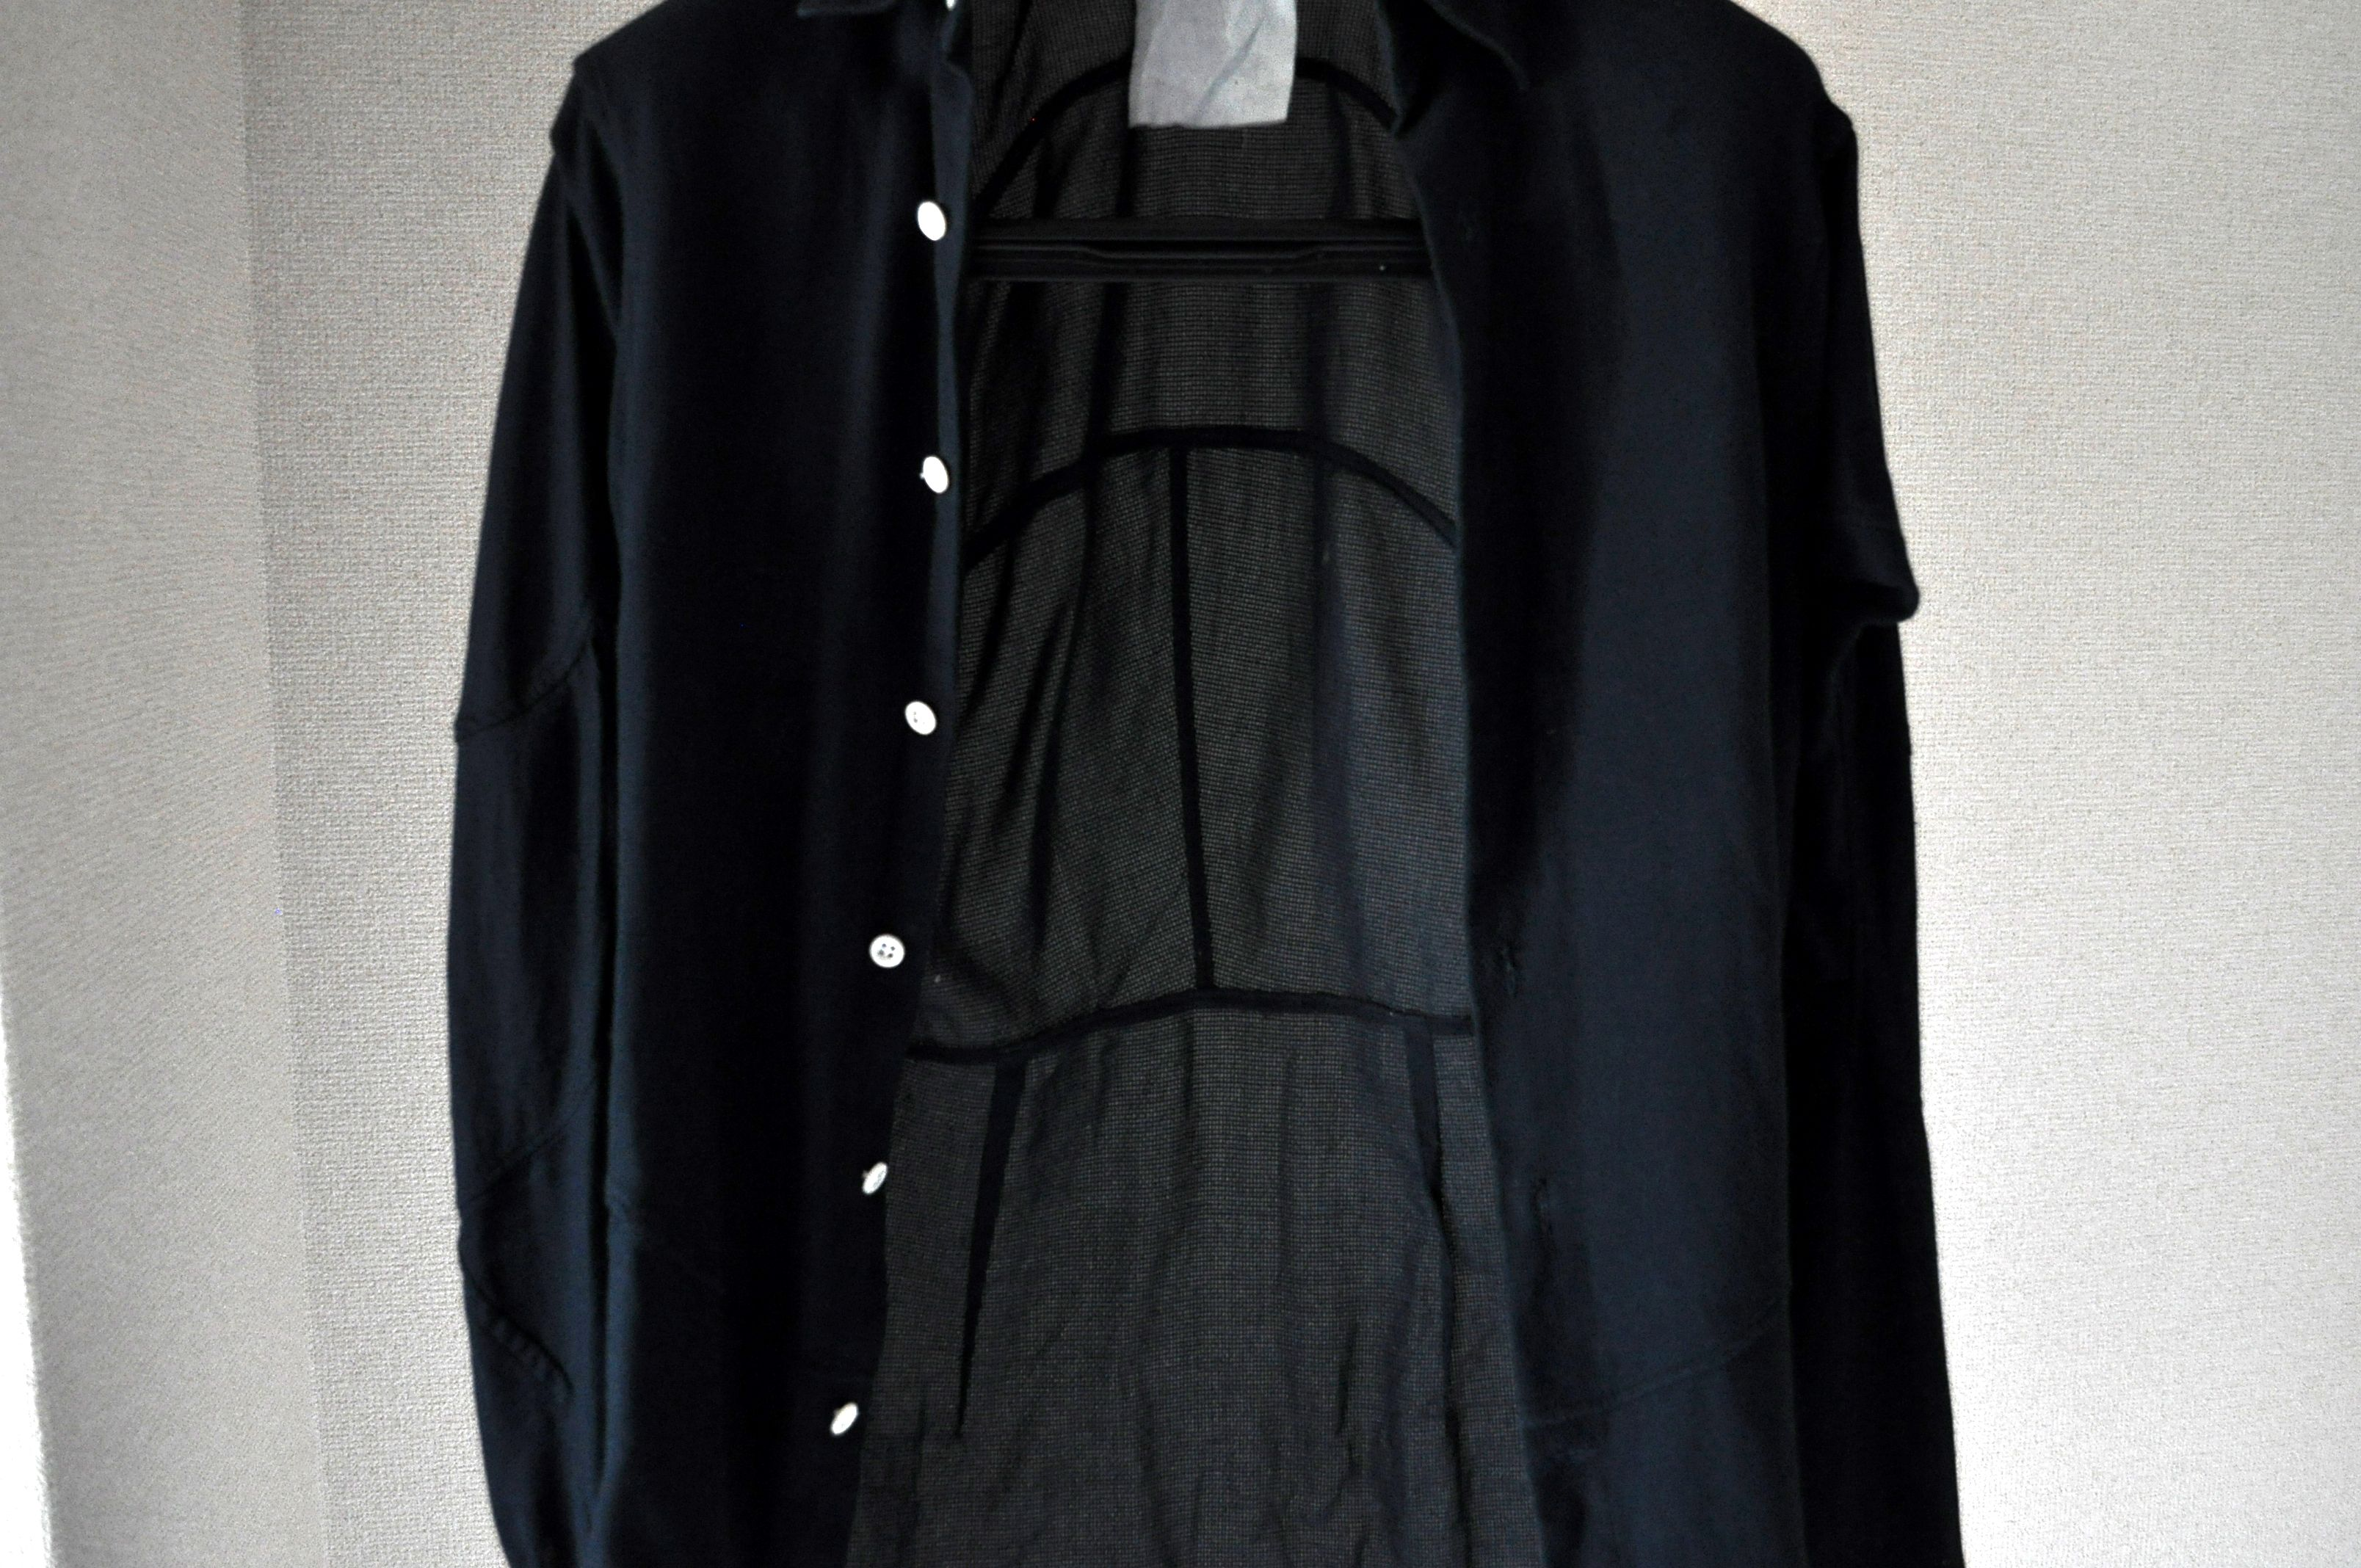 アンスナムのシャツの内側のパターン